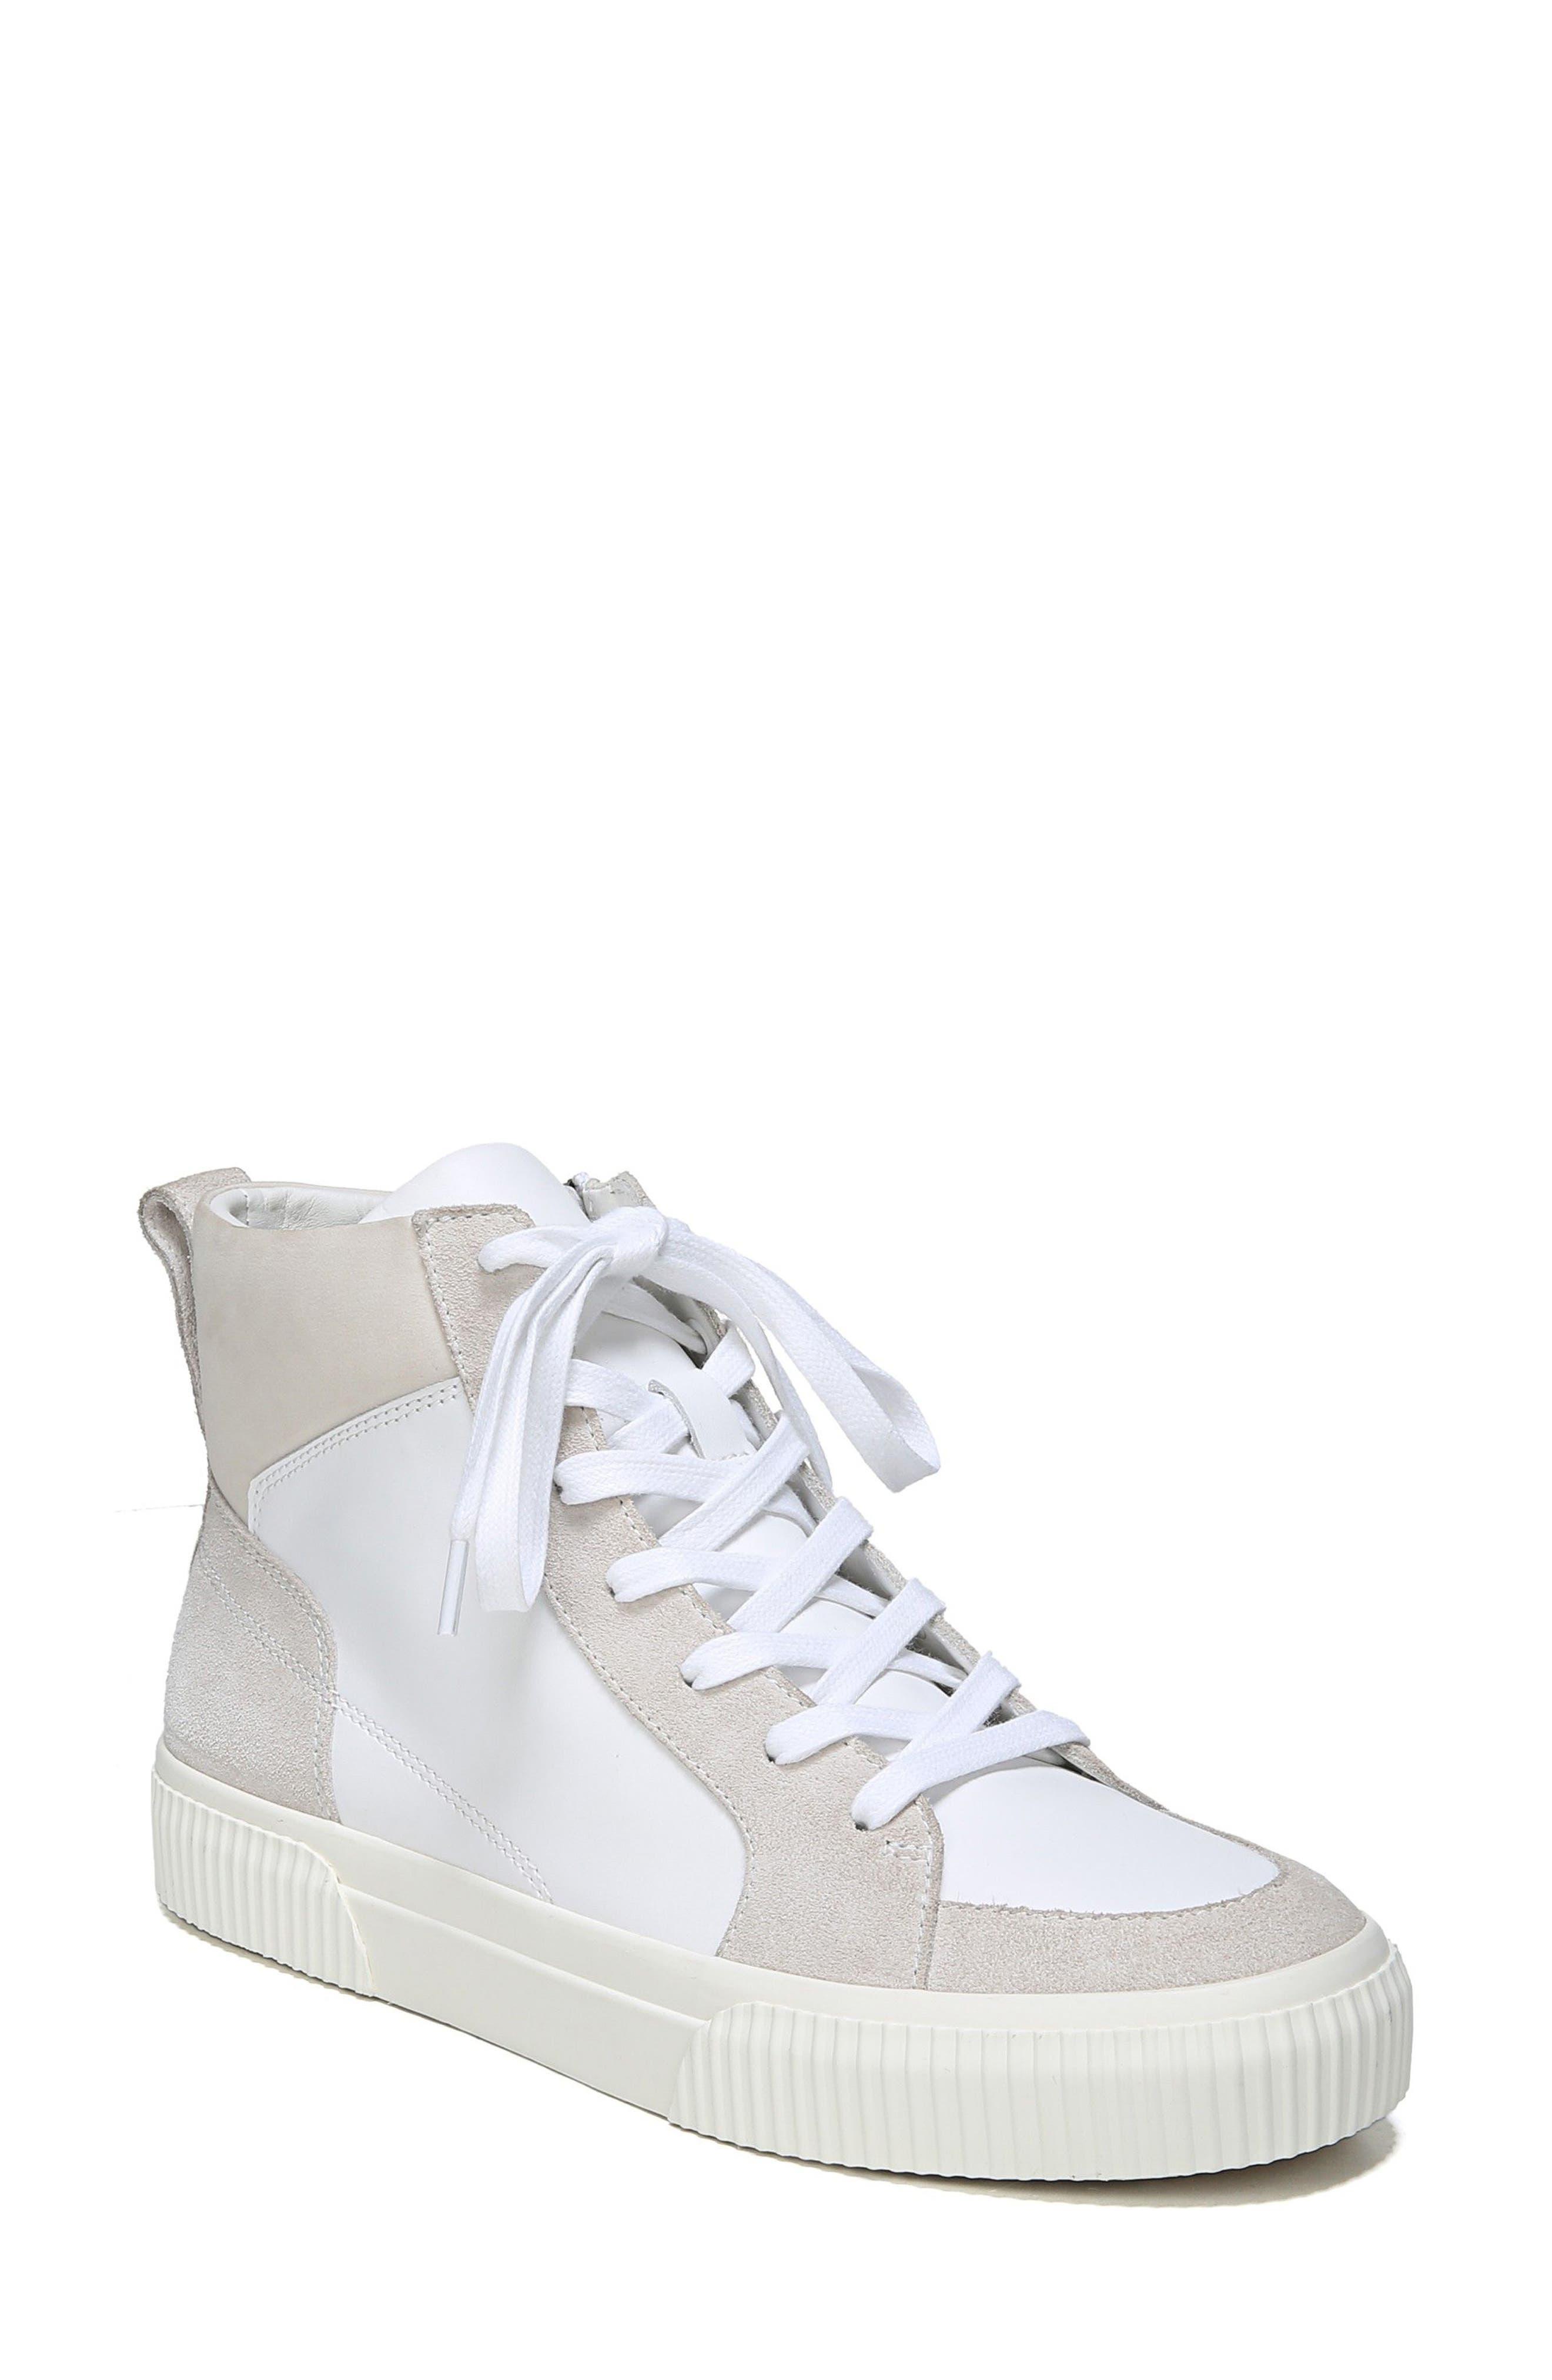 Kiles High-Top Sneaker,                         Main,                         color, 100